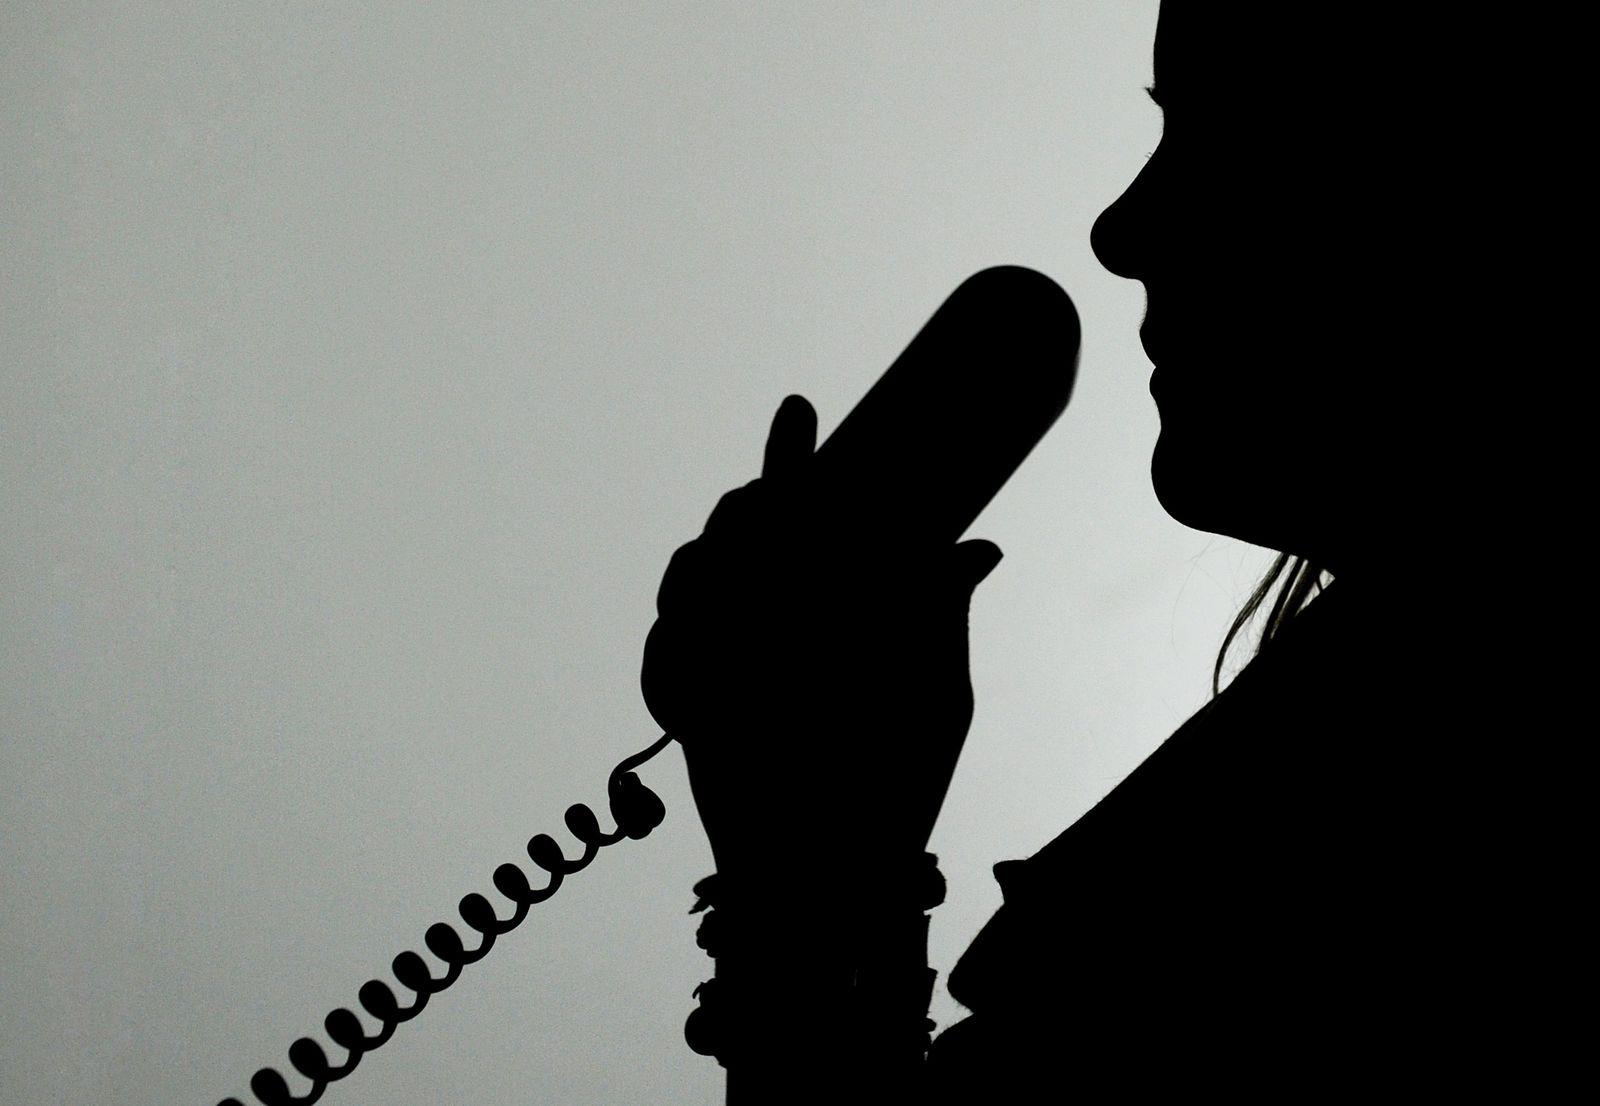 Telefon / Telefonhörer / Anruf / Festnetz